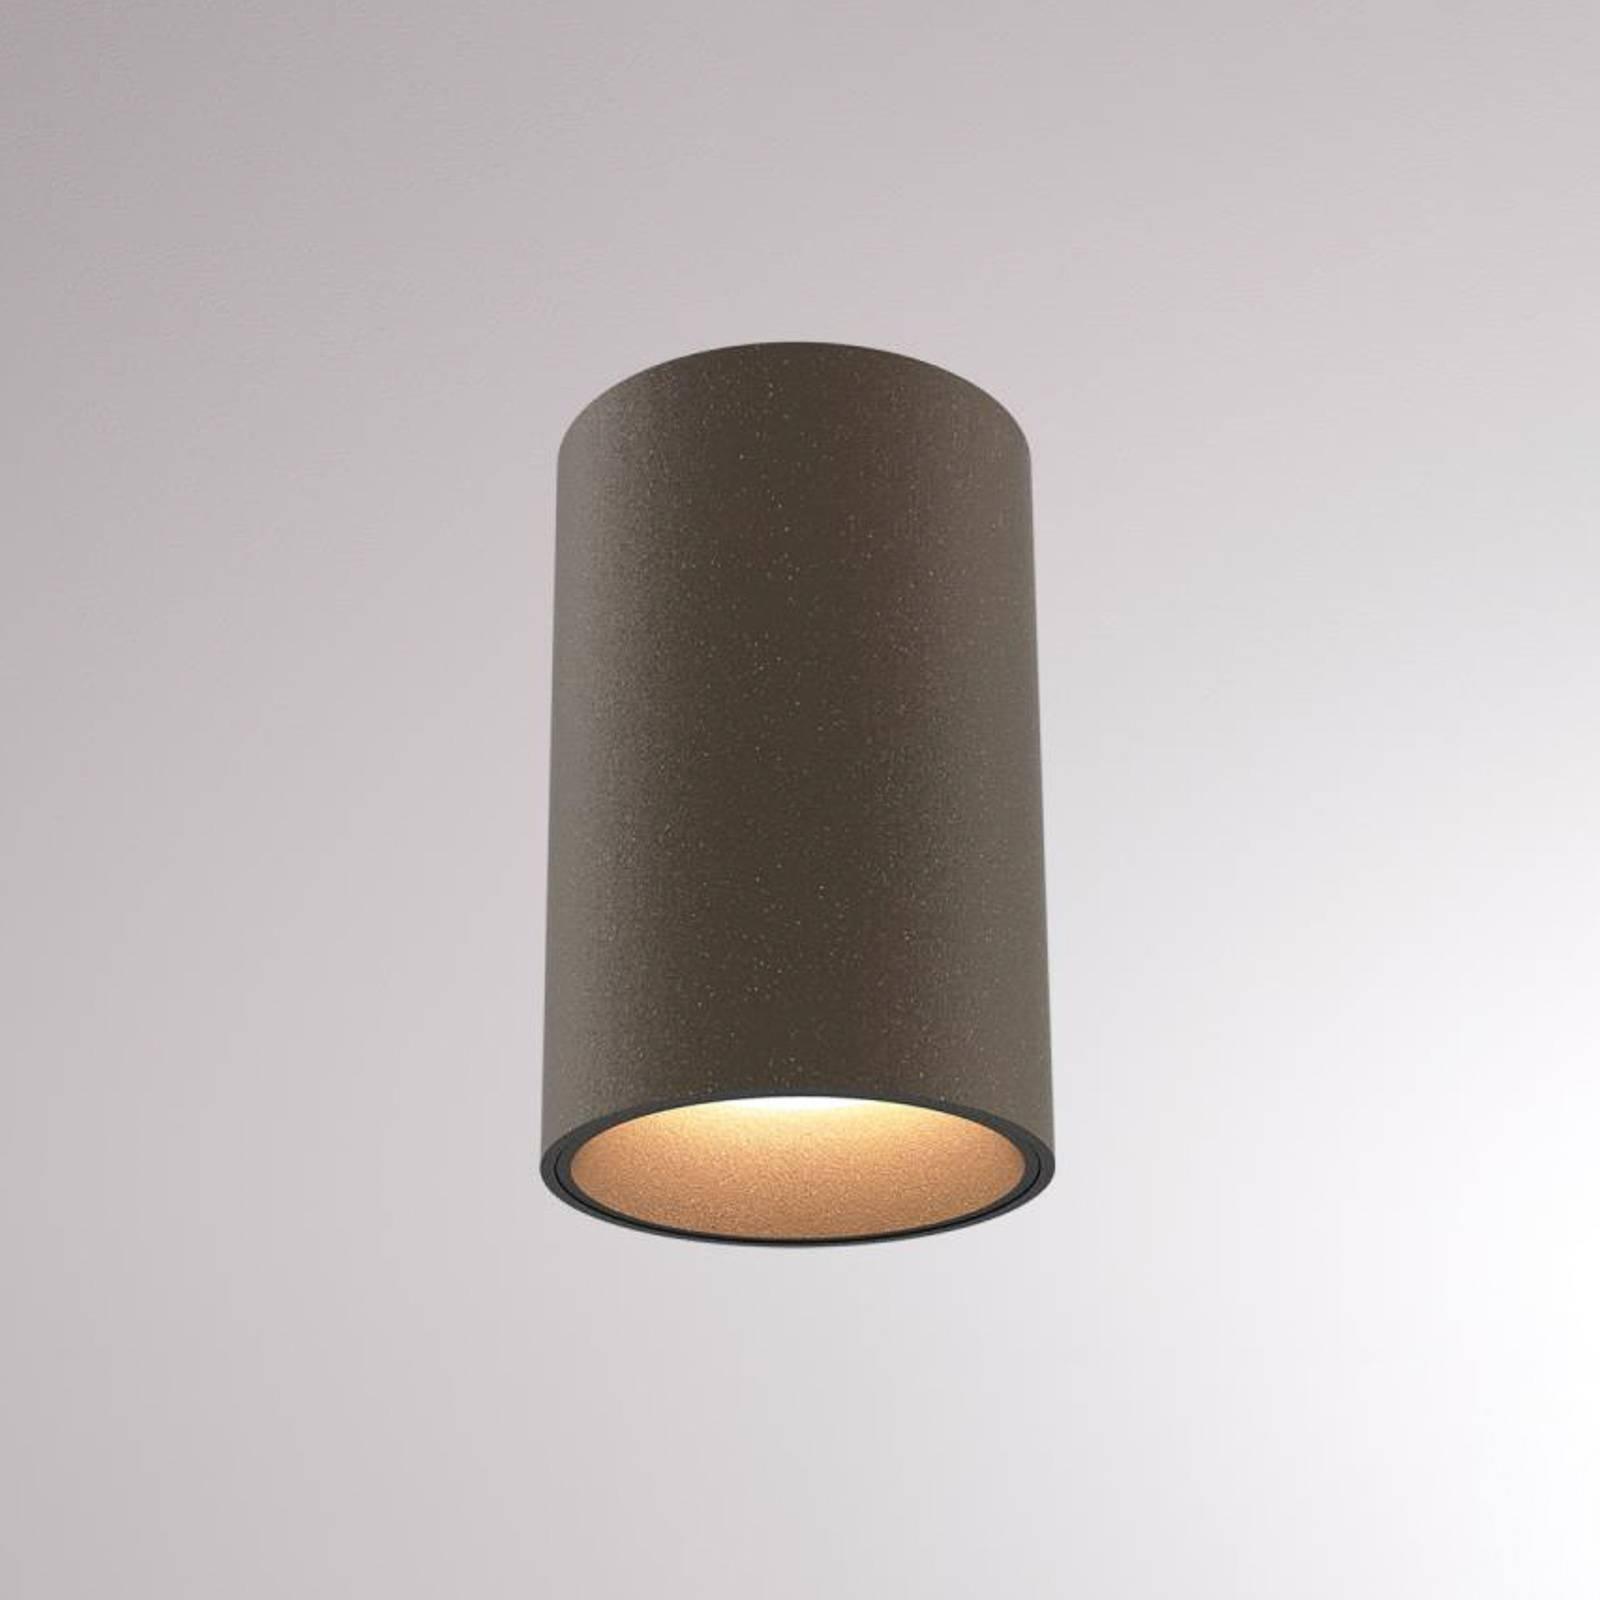 LOUM Atus Round LED-Deckenleuchte terra